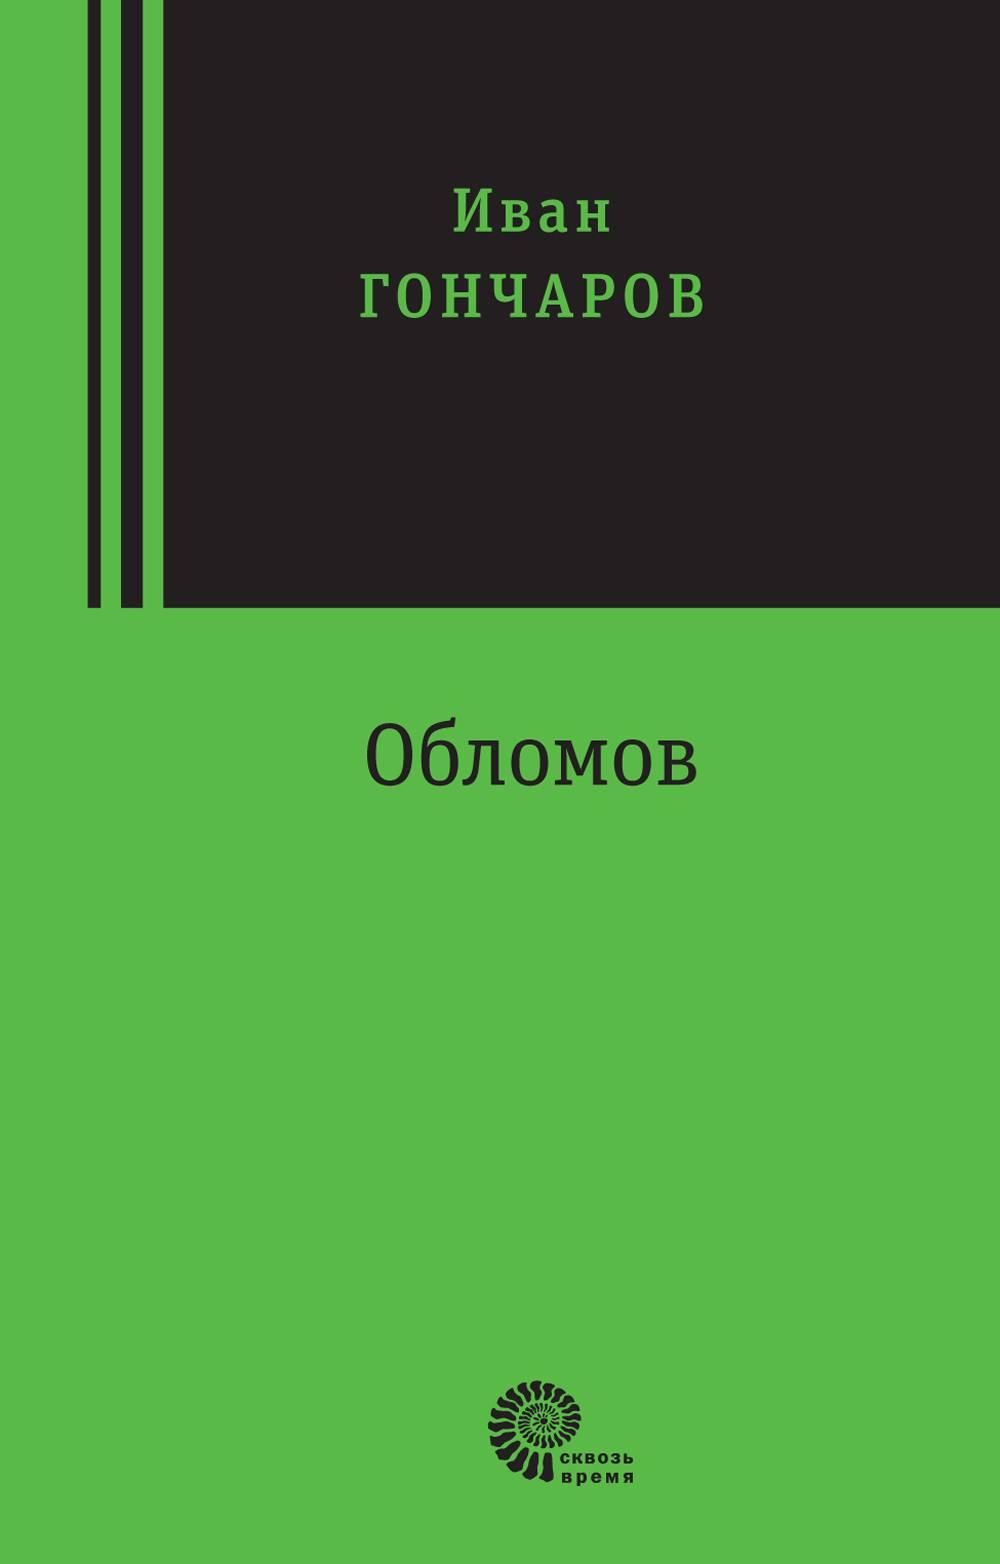 Никак не обыкновенная история: Гончаров и его трилогия